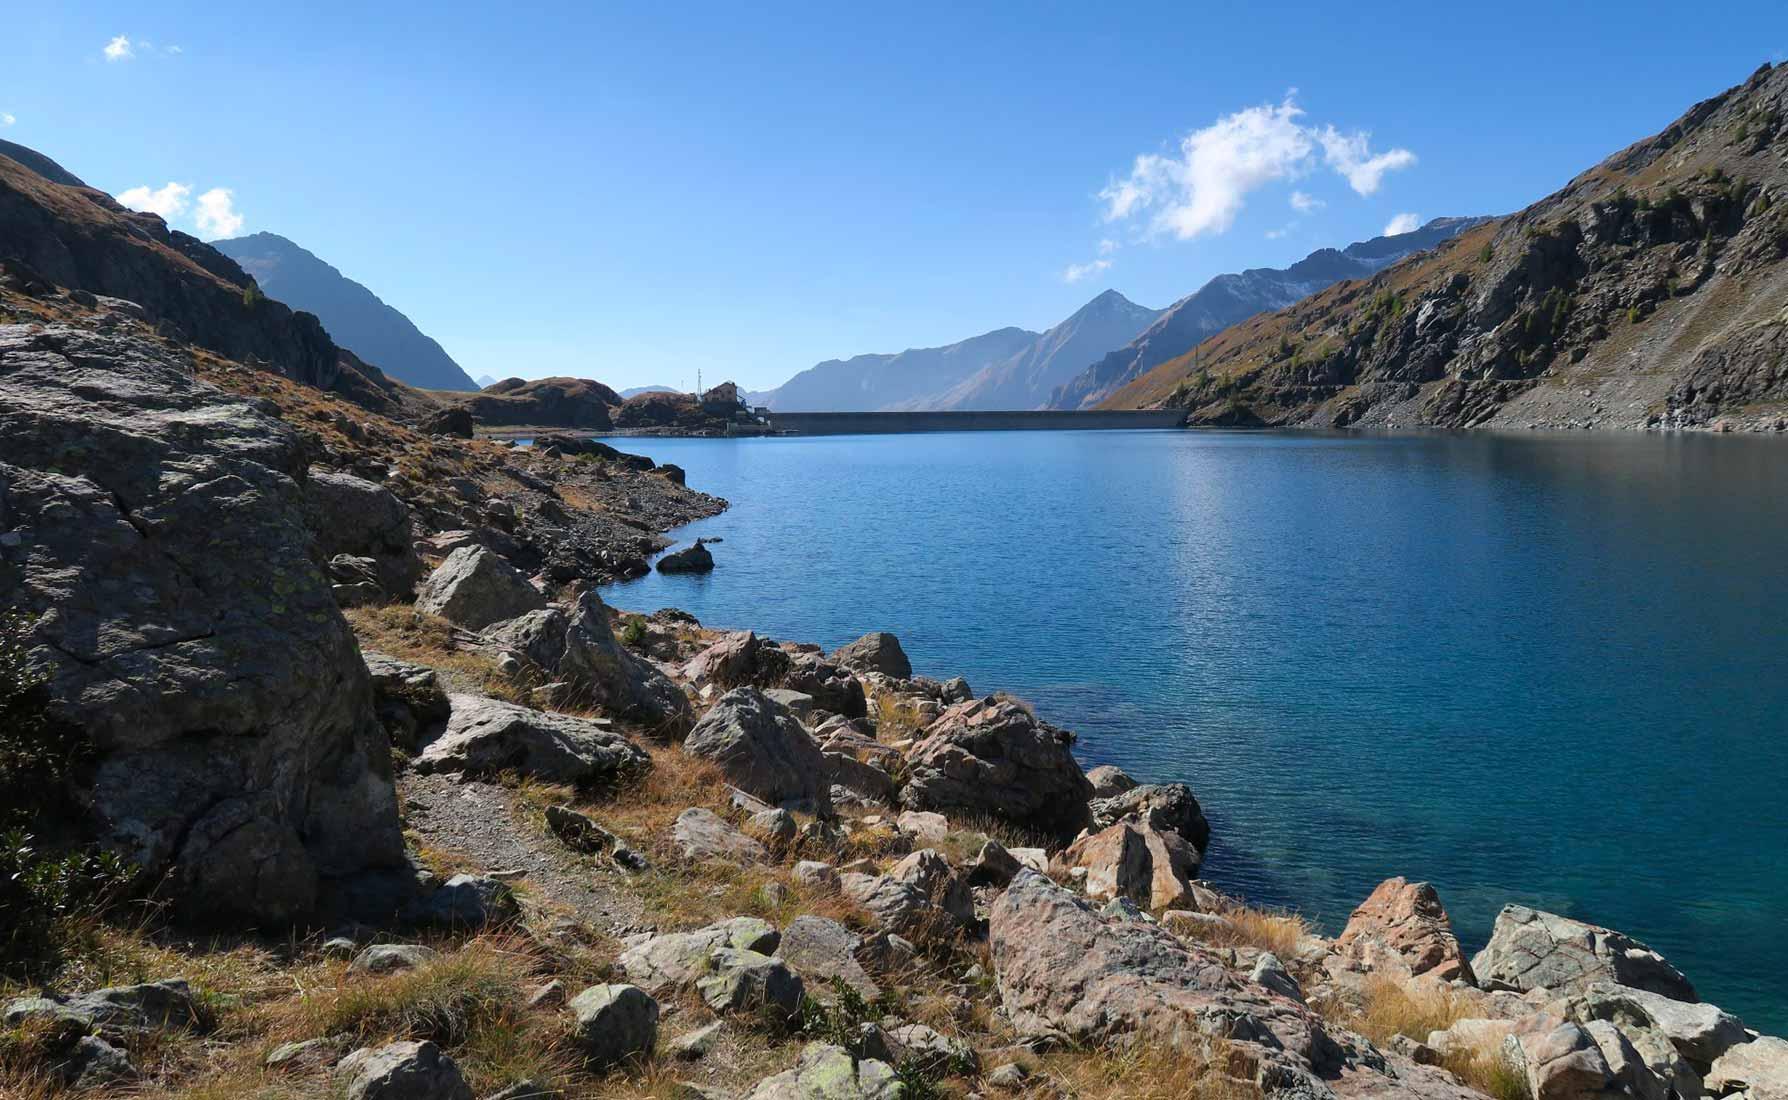 Sulle sponde del Lago Gabiet a 2371 metri d'altitudine.